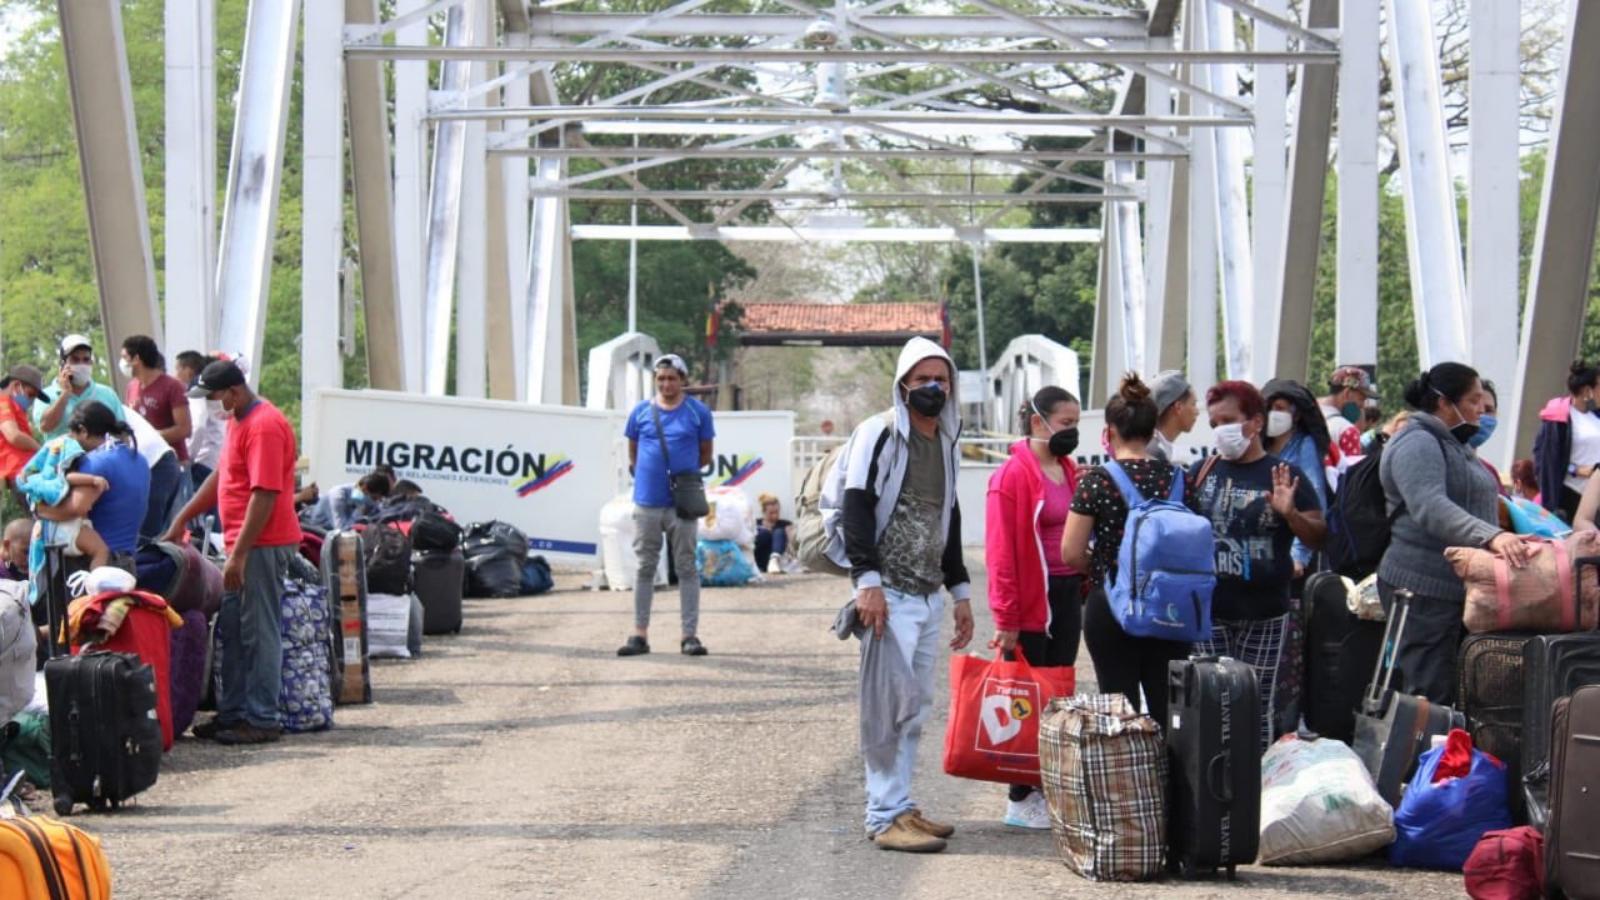 Sigue bajando la cifra de venezolanos en Colombia